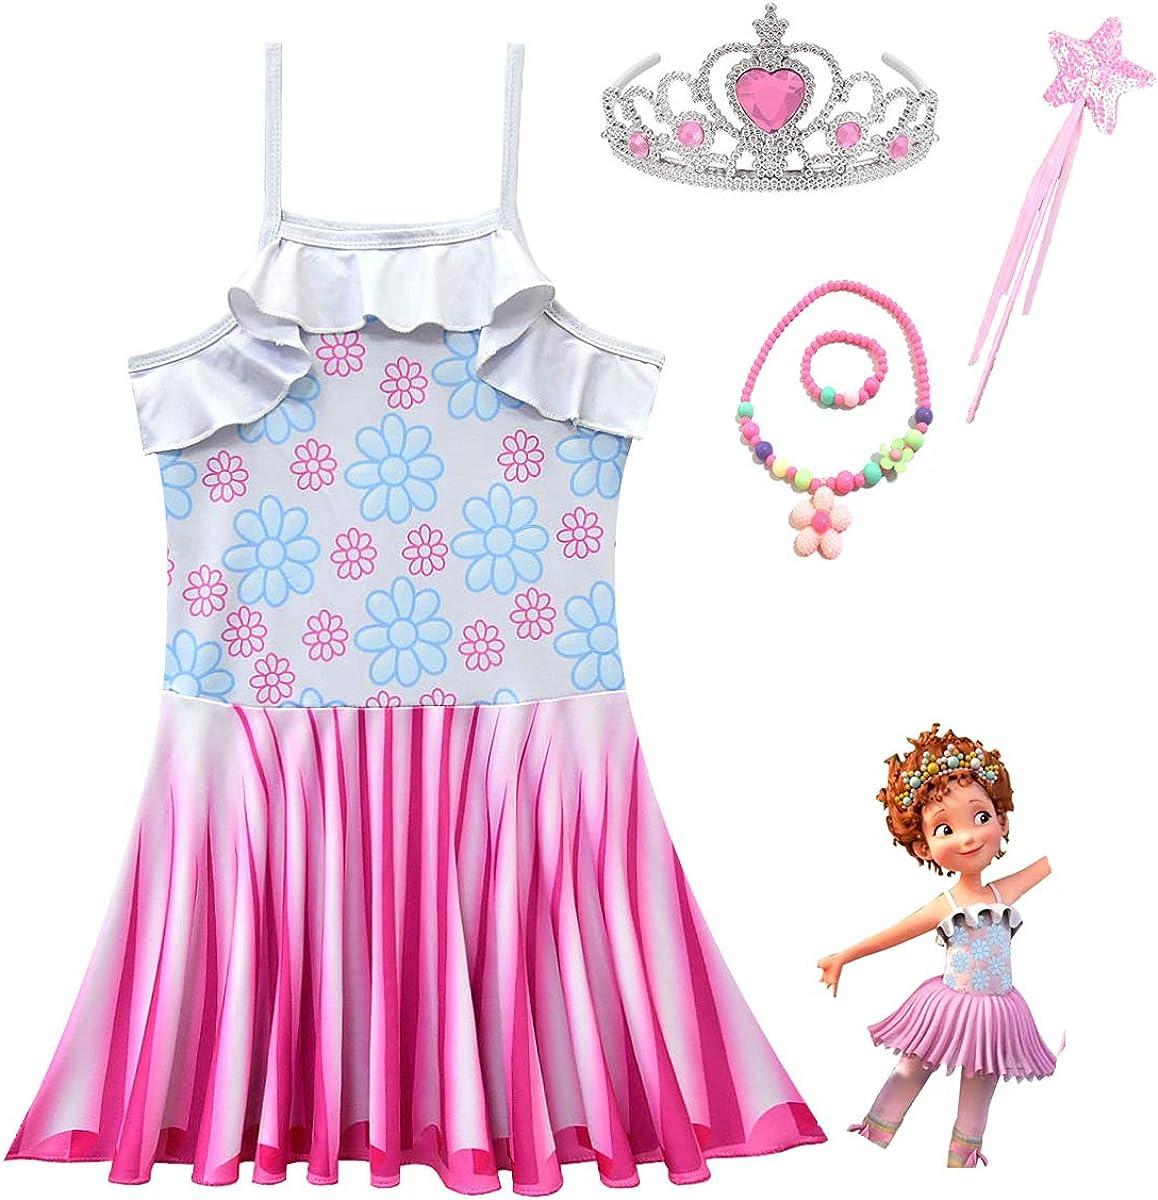 MSSmile Girls Sleeveless Dress Fancy Nancy Costume Set for Girls Fancy Nancy Ballerina Dress